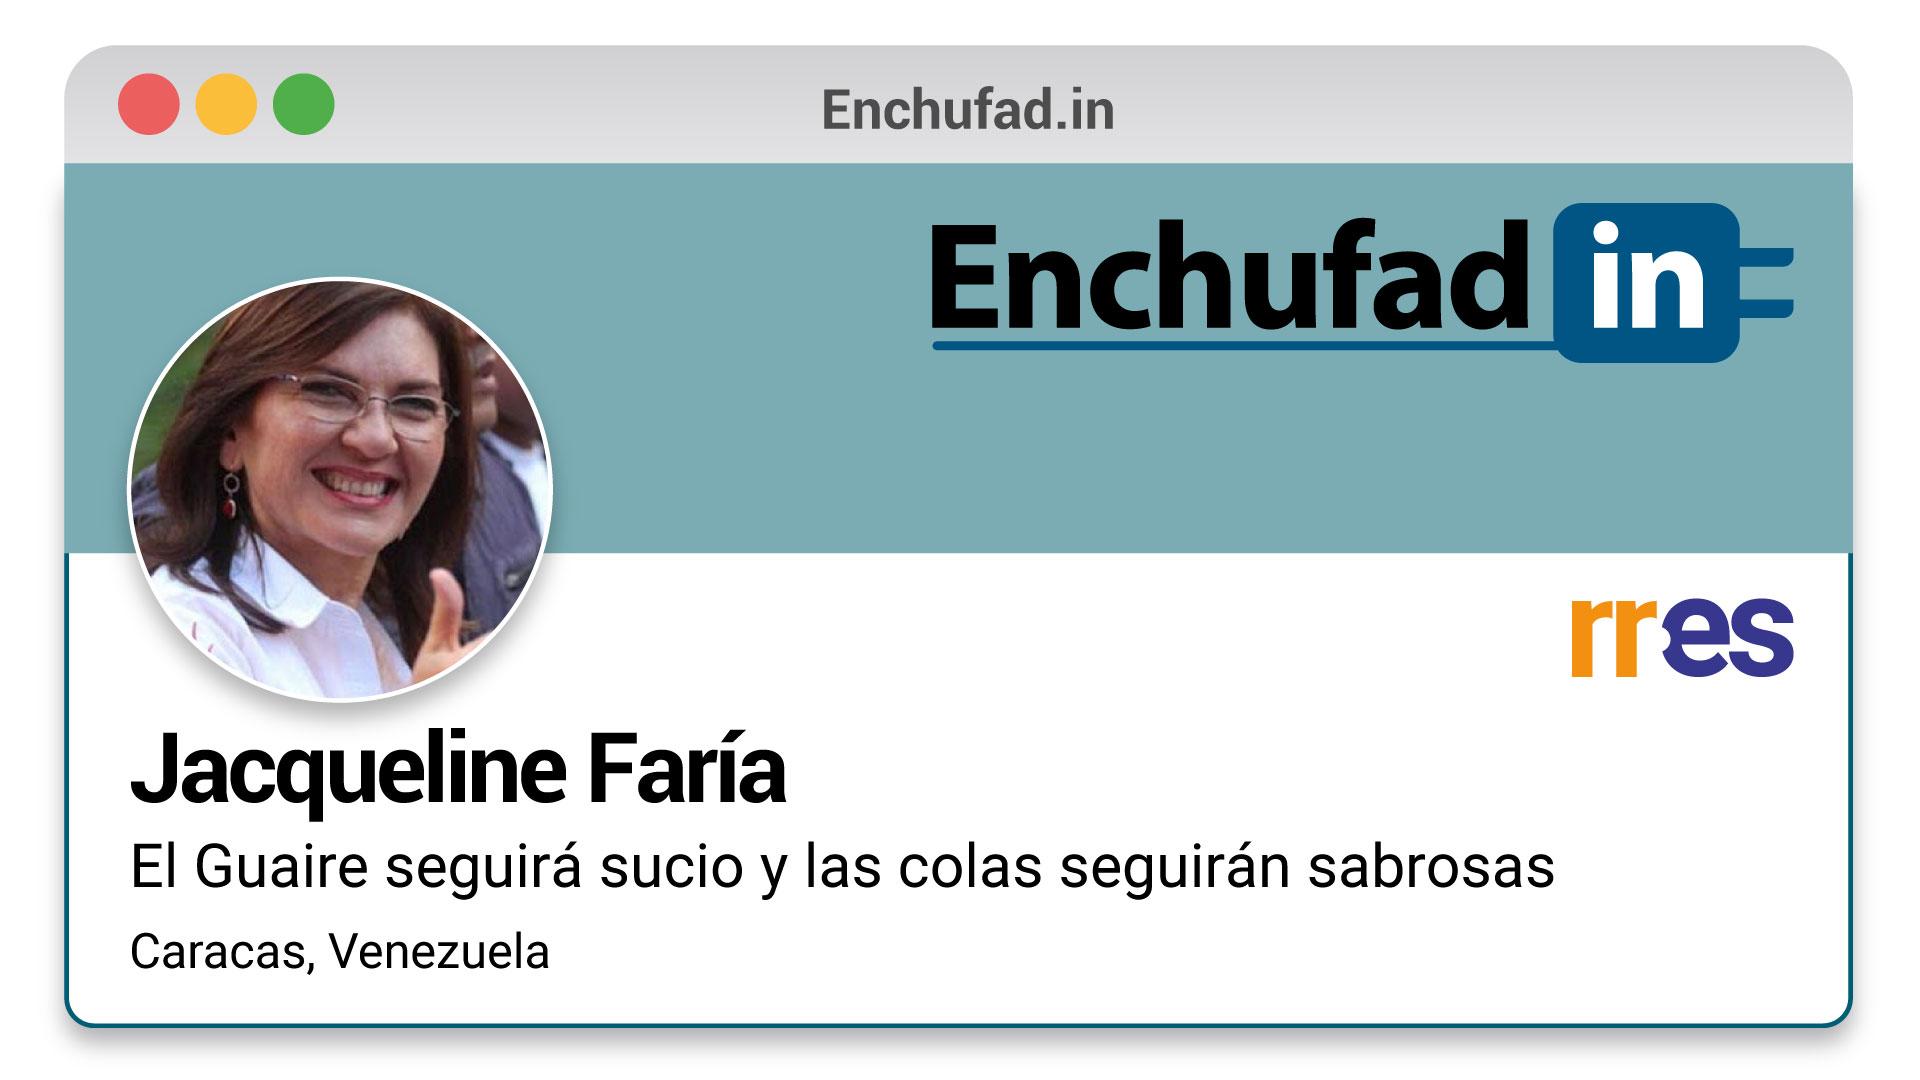 #EnchufaDÍN | Felicita a Jacqueline Faría por su nuevo cargo